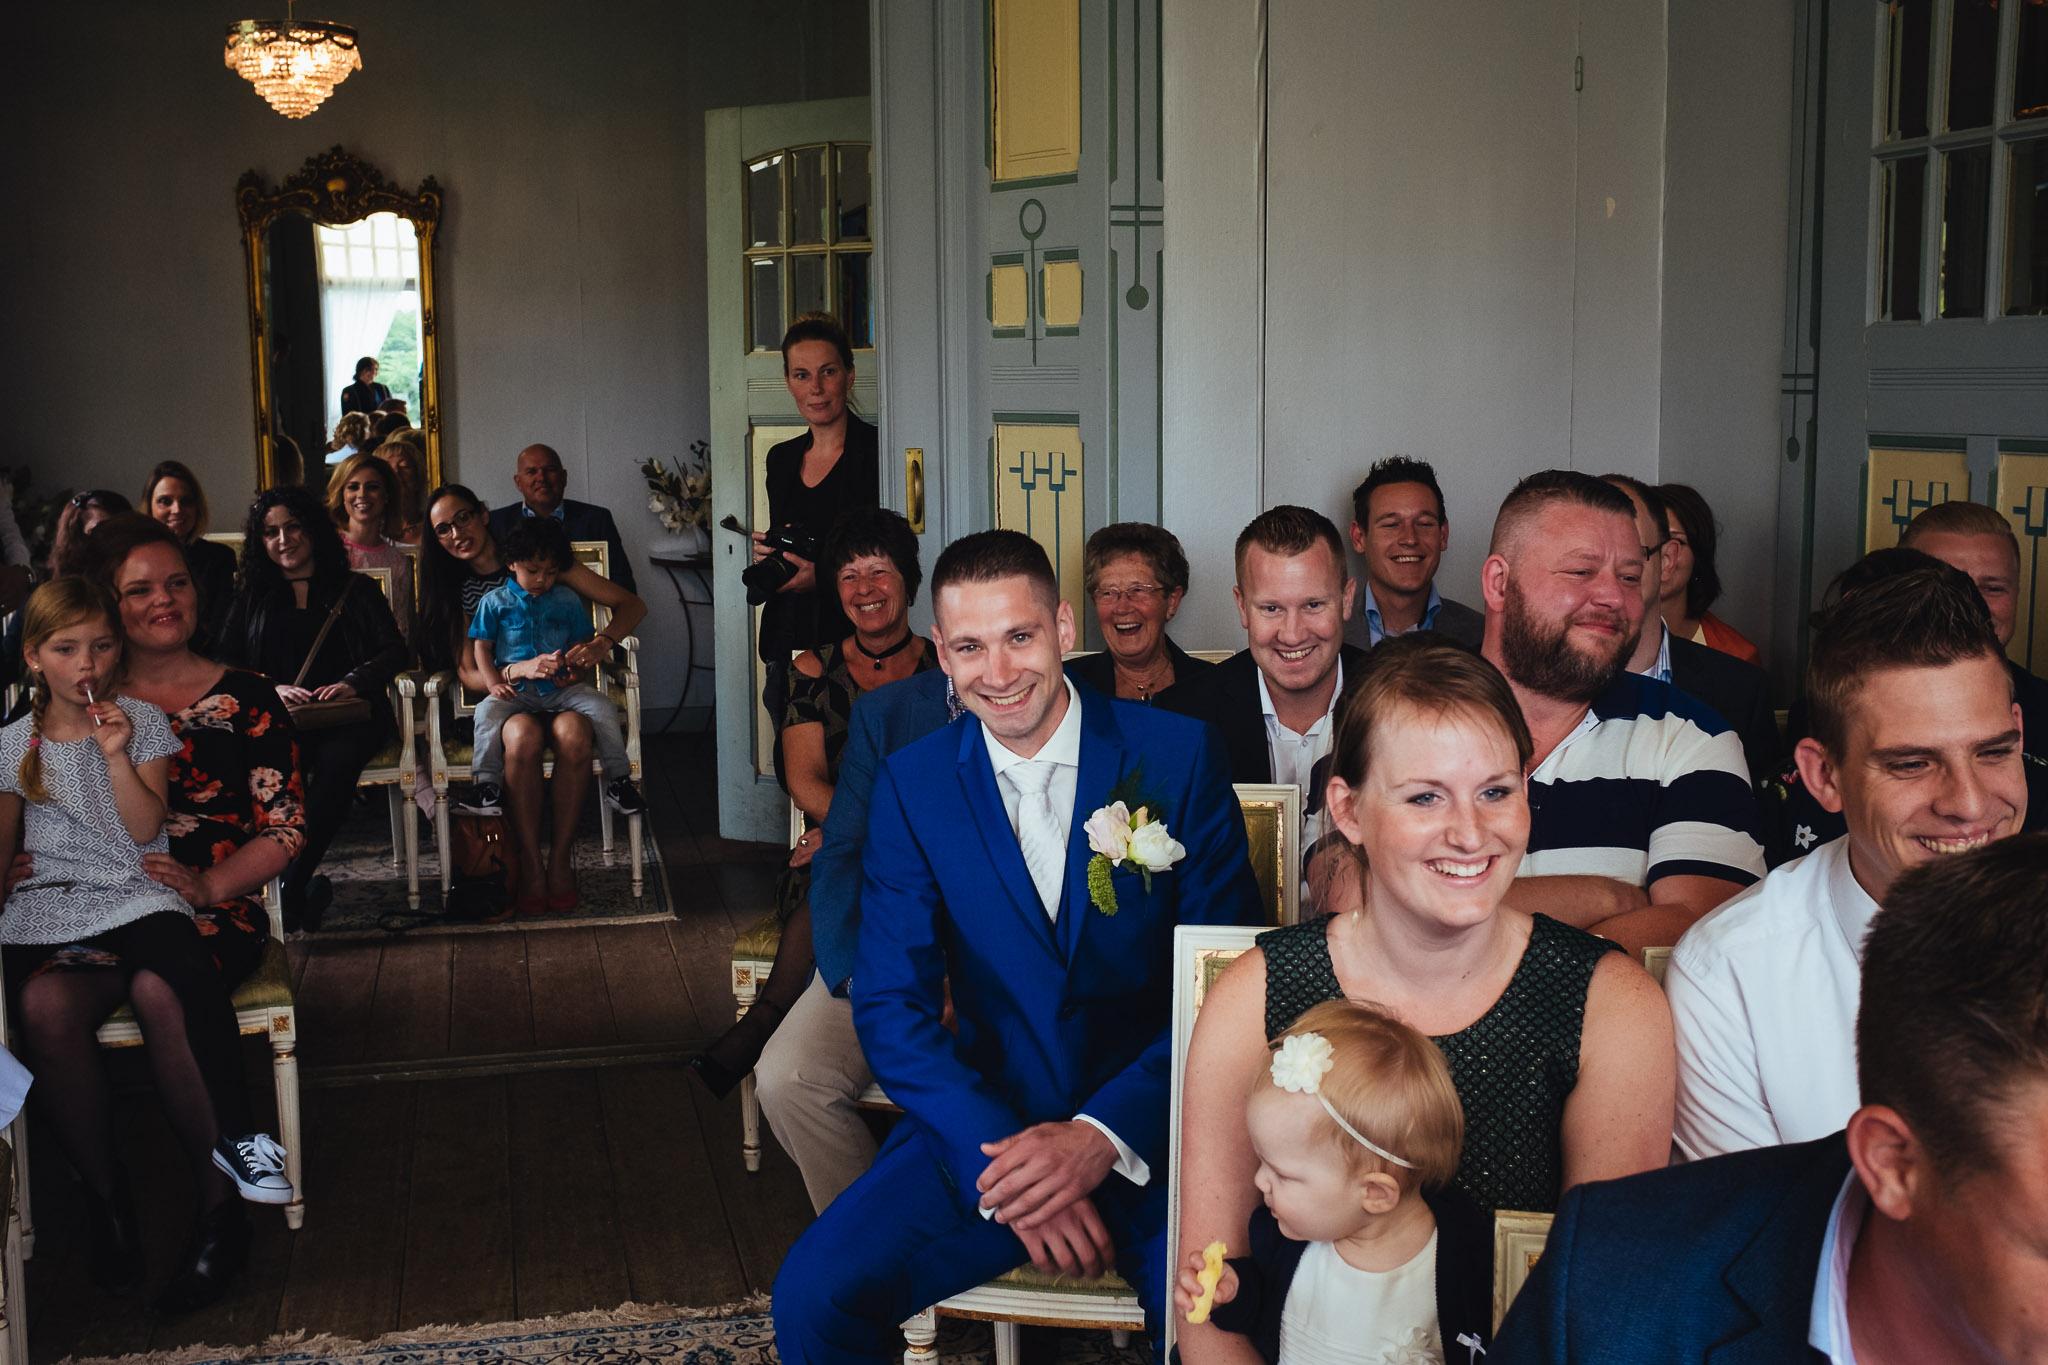 bruiloft op landgoed westerlee in groningen met dilek en tim trouwceremonie